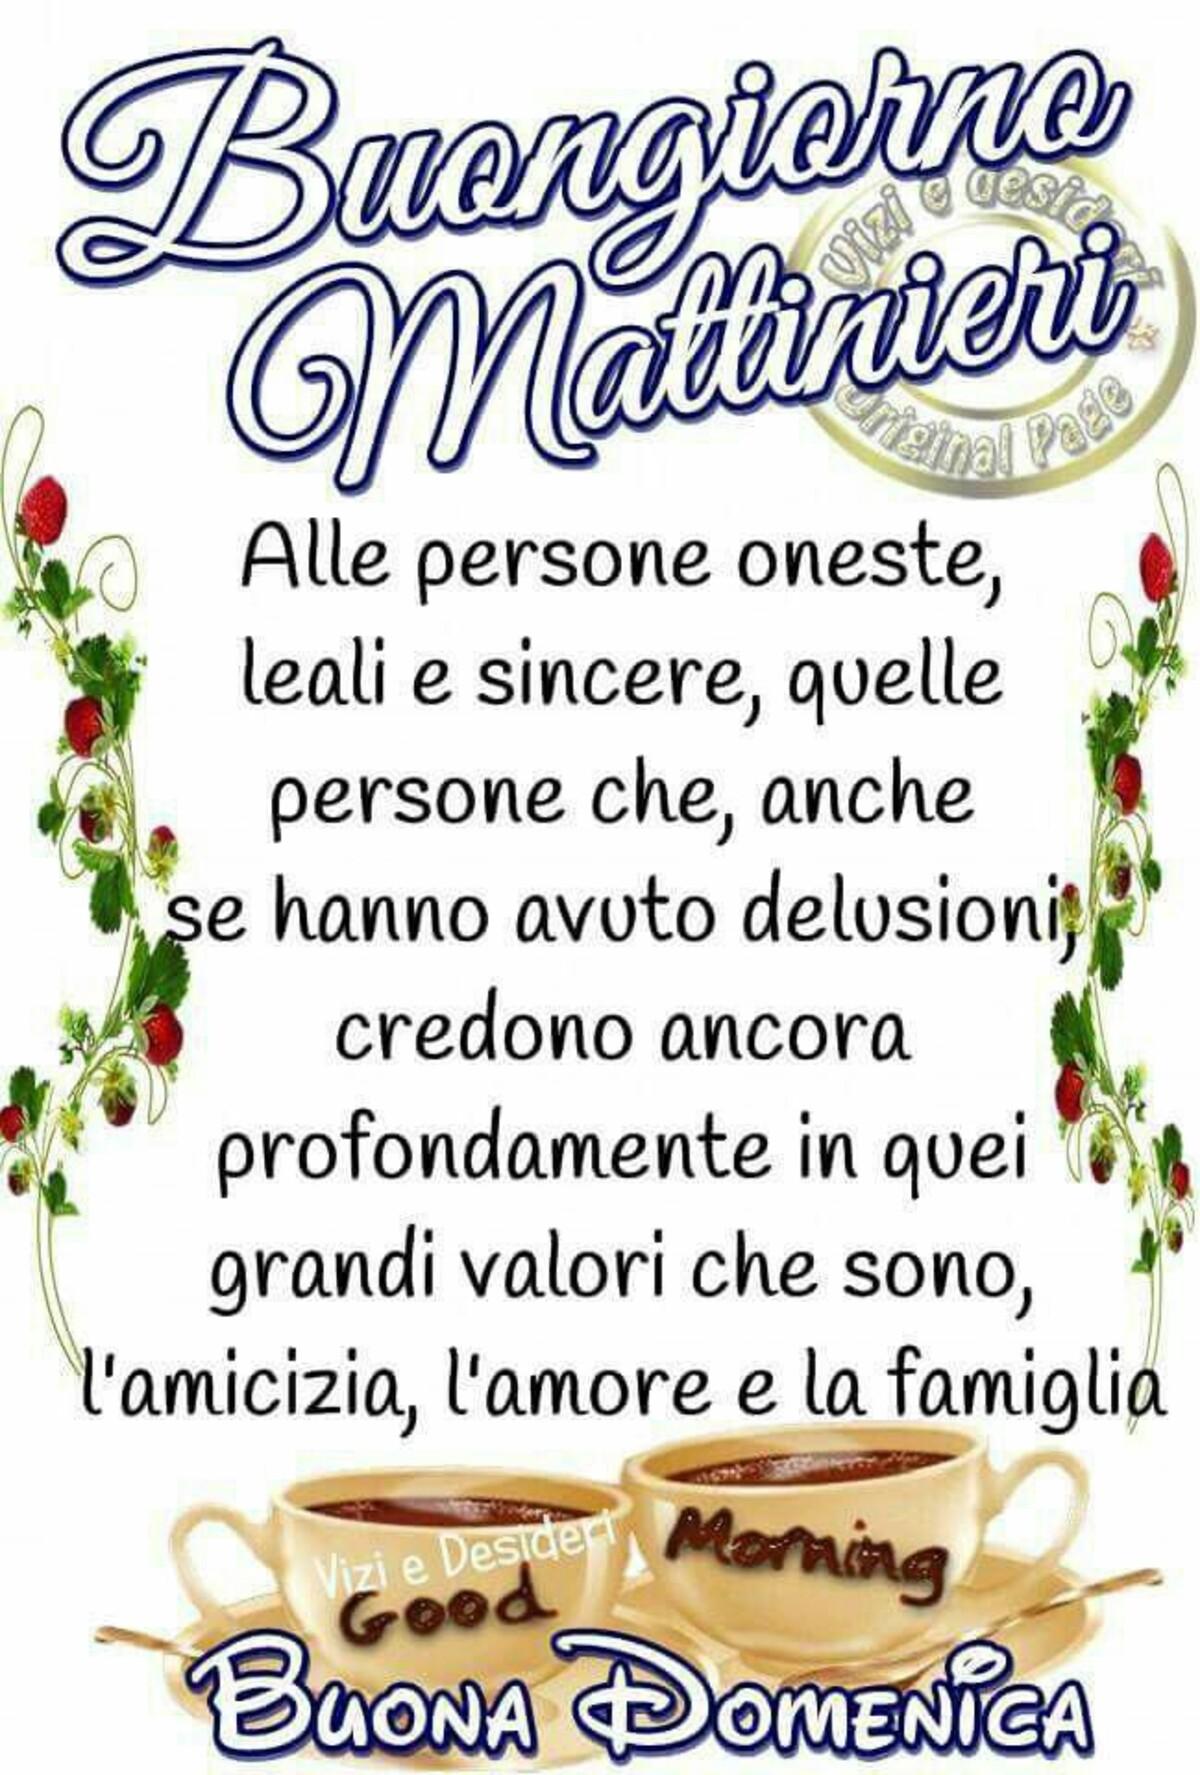 Buongiorno Mattinieri e Buona Domenica